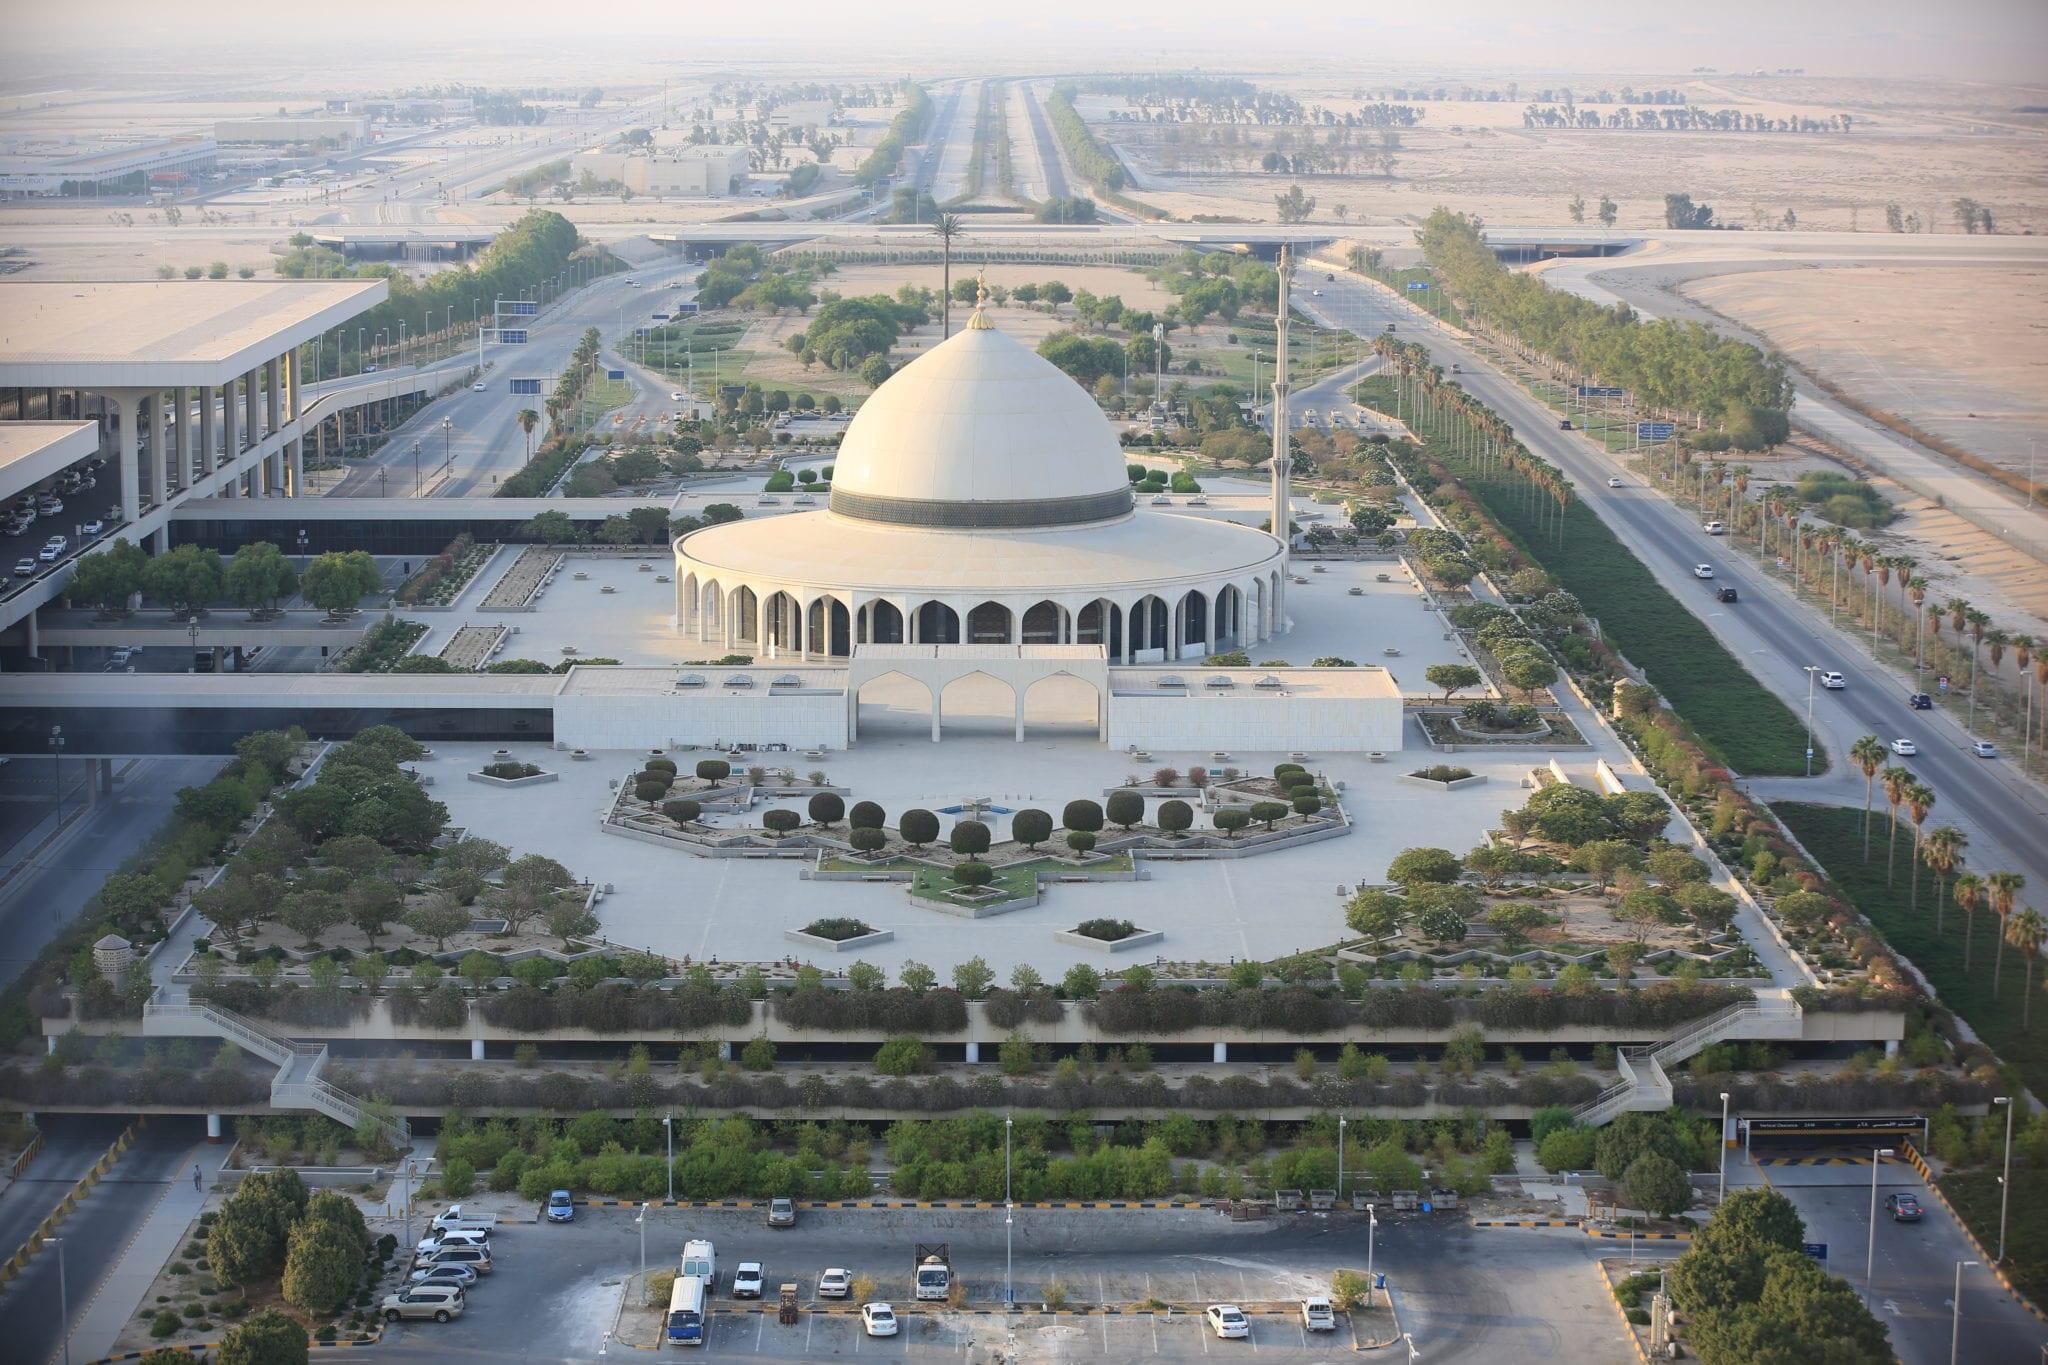 สนามบิน สนามบินที่ใหญ่ที่สุดในโลก เที่ยวต่างประเทศ สนามบินที่ดีที่สุดในโลก